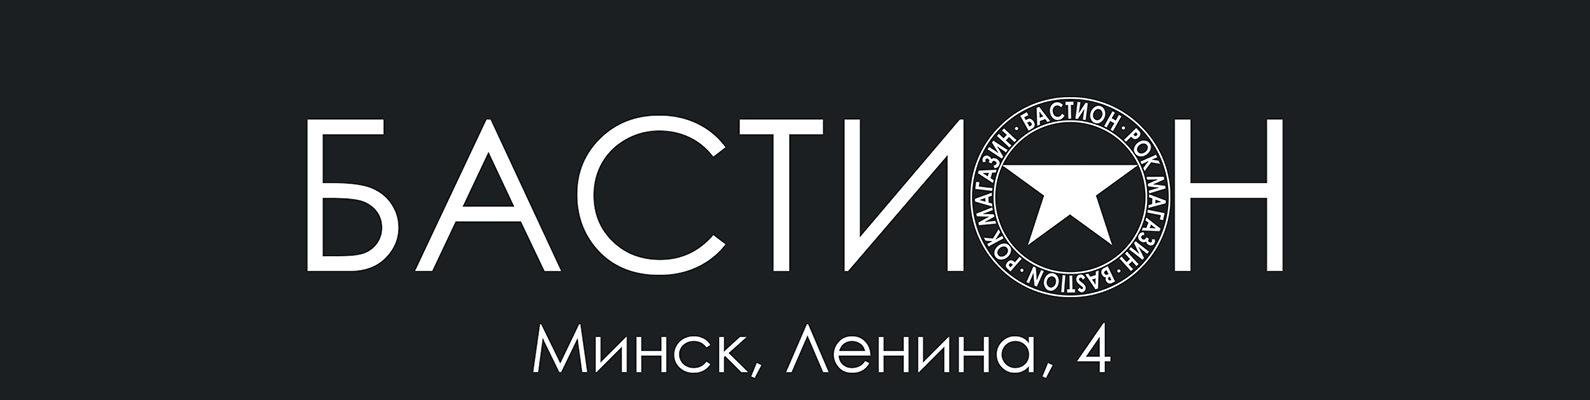 Рок-магазин БАСТИОН   Минск, Ленина 4   ВКонтакте 20dcdb47c84